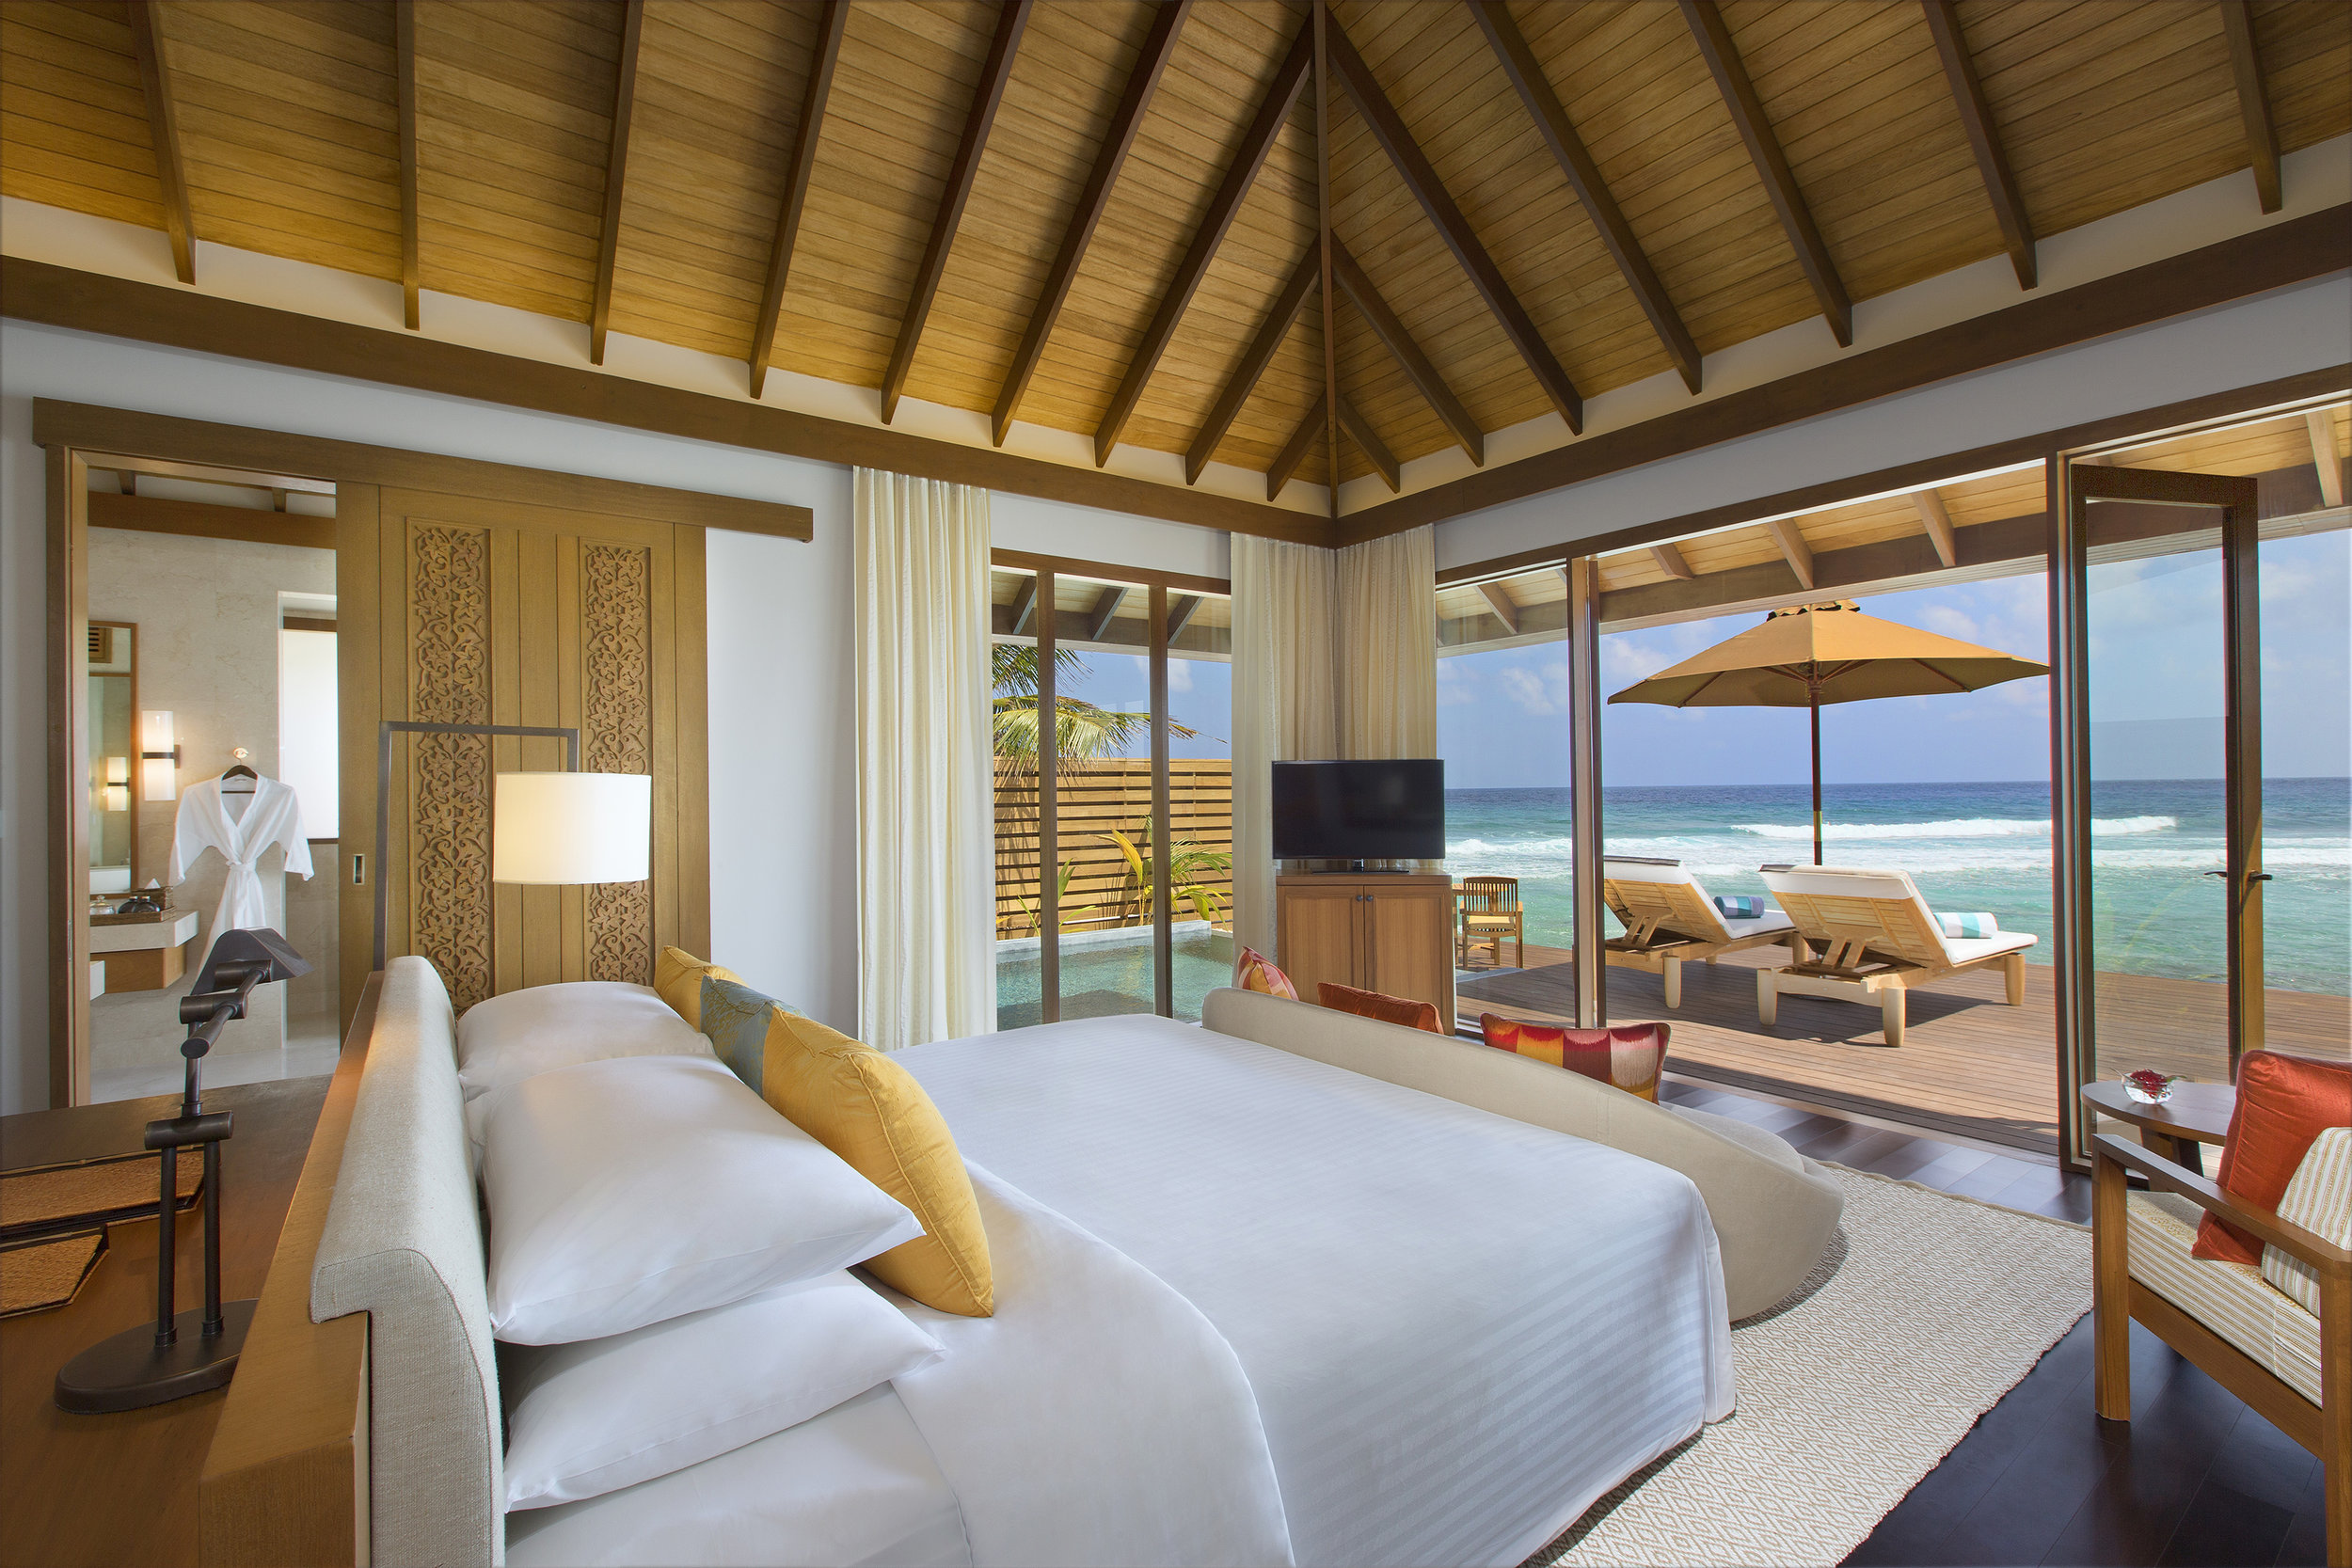 Ocean_Pool_Bungalow_Bedroom_View.jpg